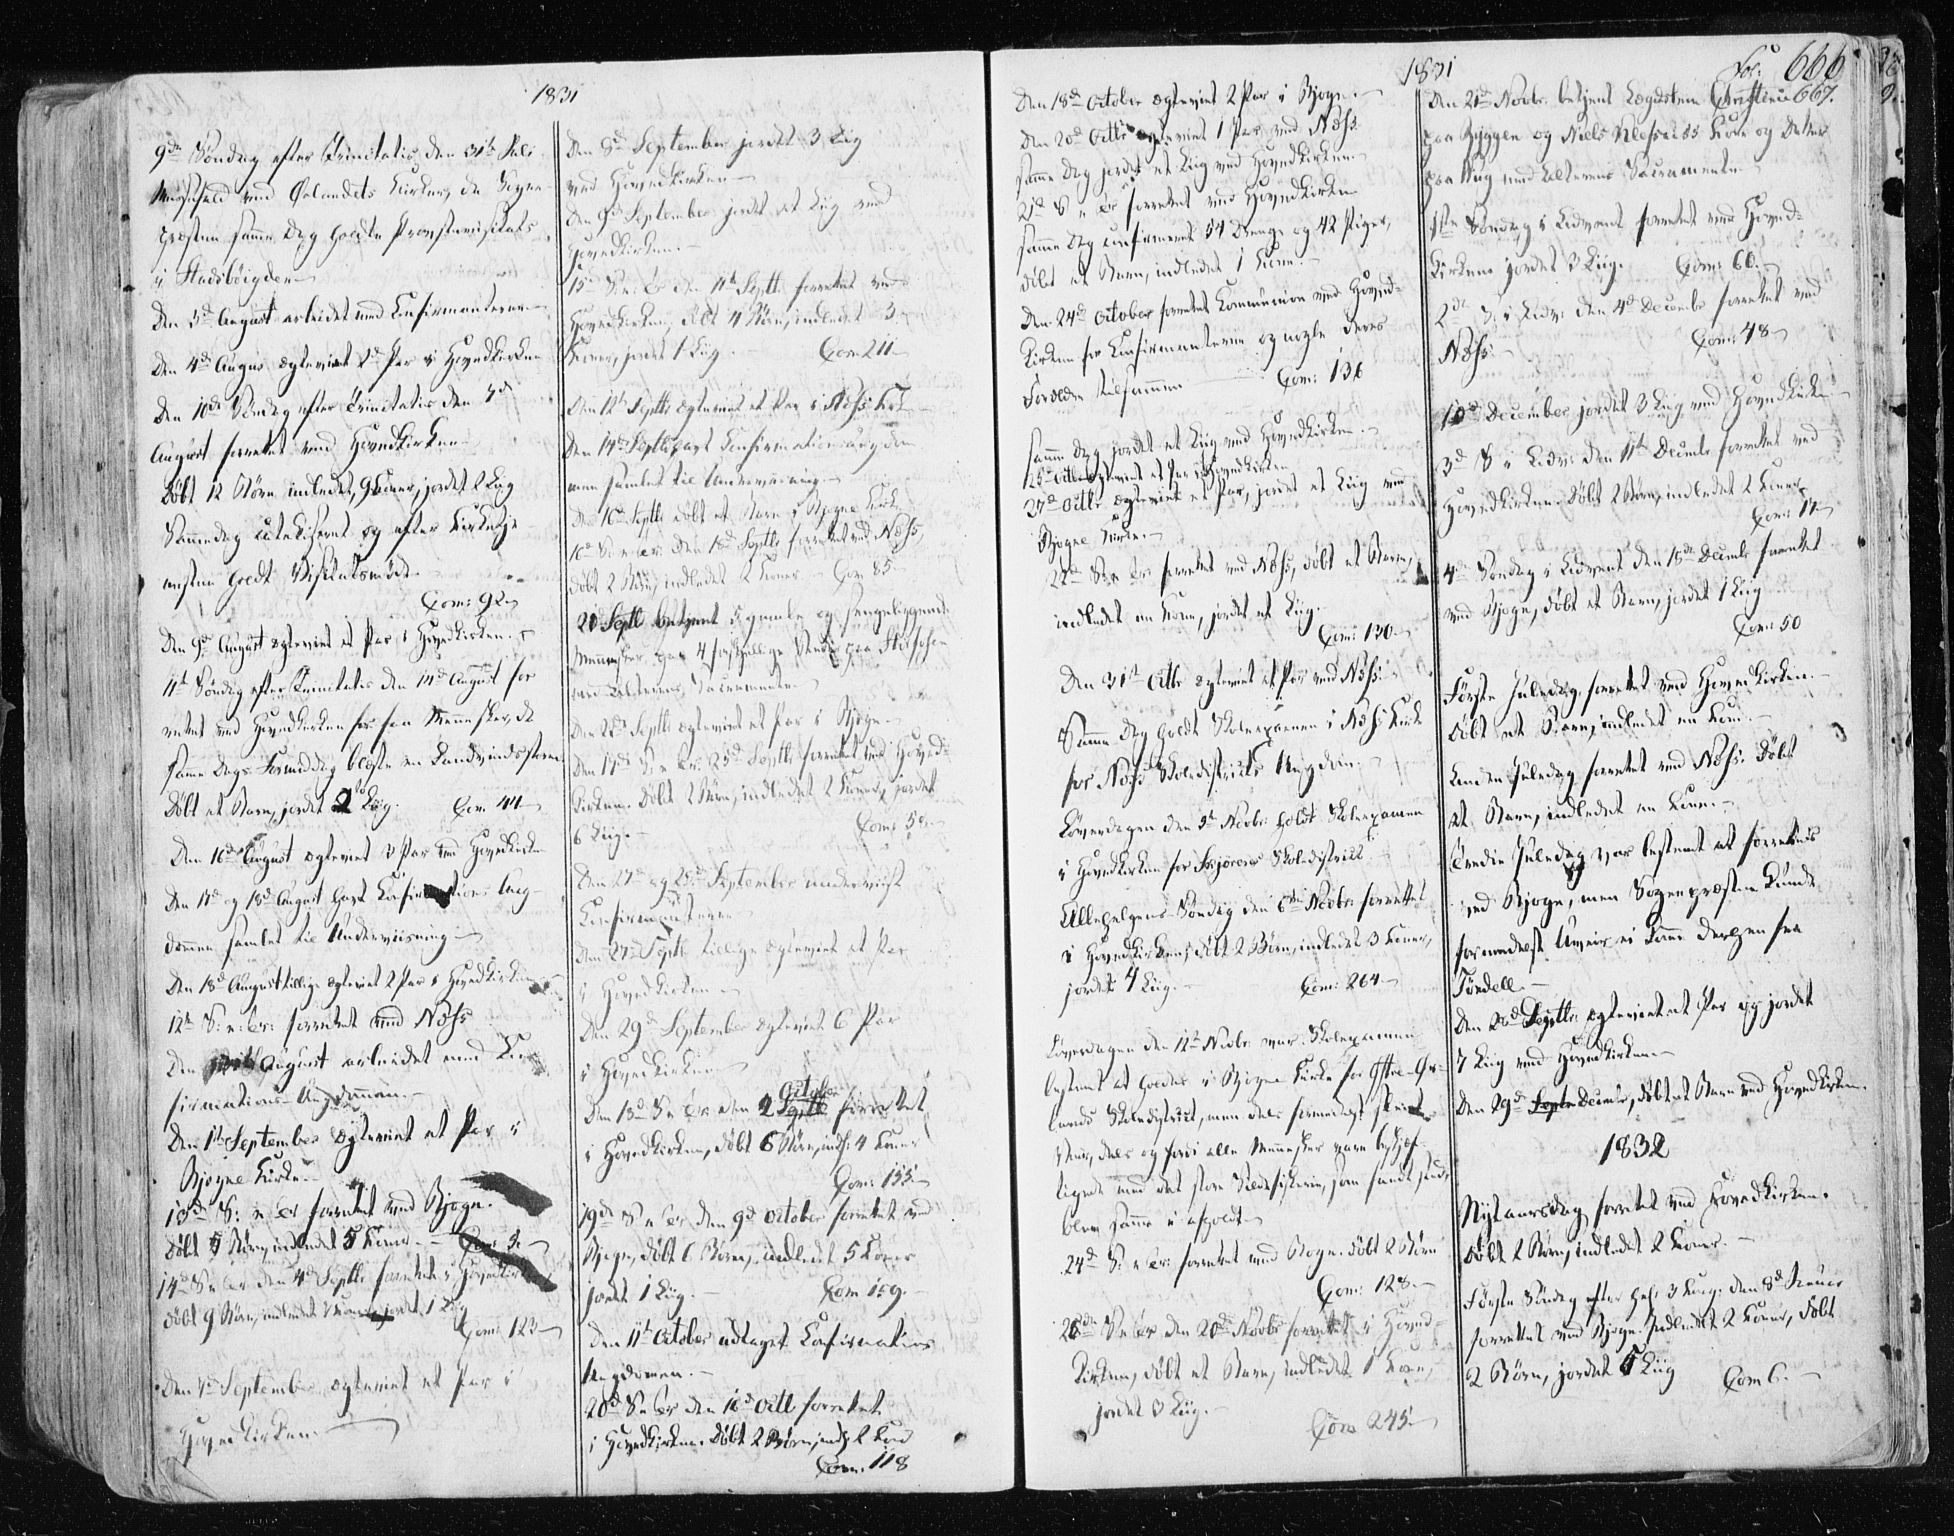 SAT, Ministerialprotokoller, klokkerbøker og fødselsregistre - Sør-Trøndelag, 659/L0735: Ministerialbok nr. 659A05, 1826-1841, s. 666